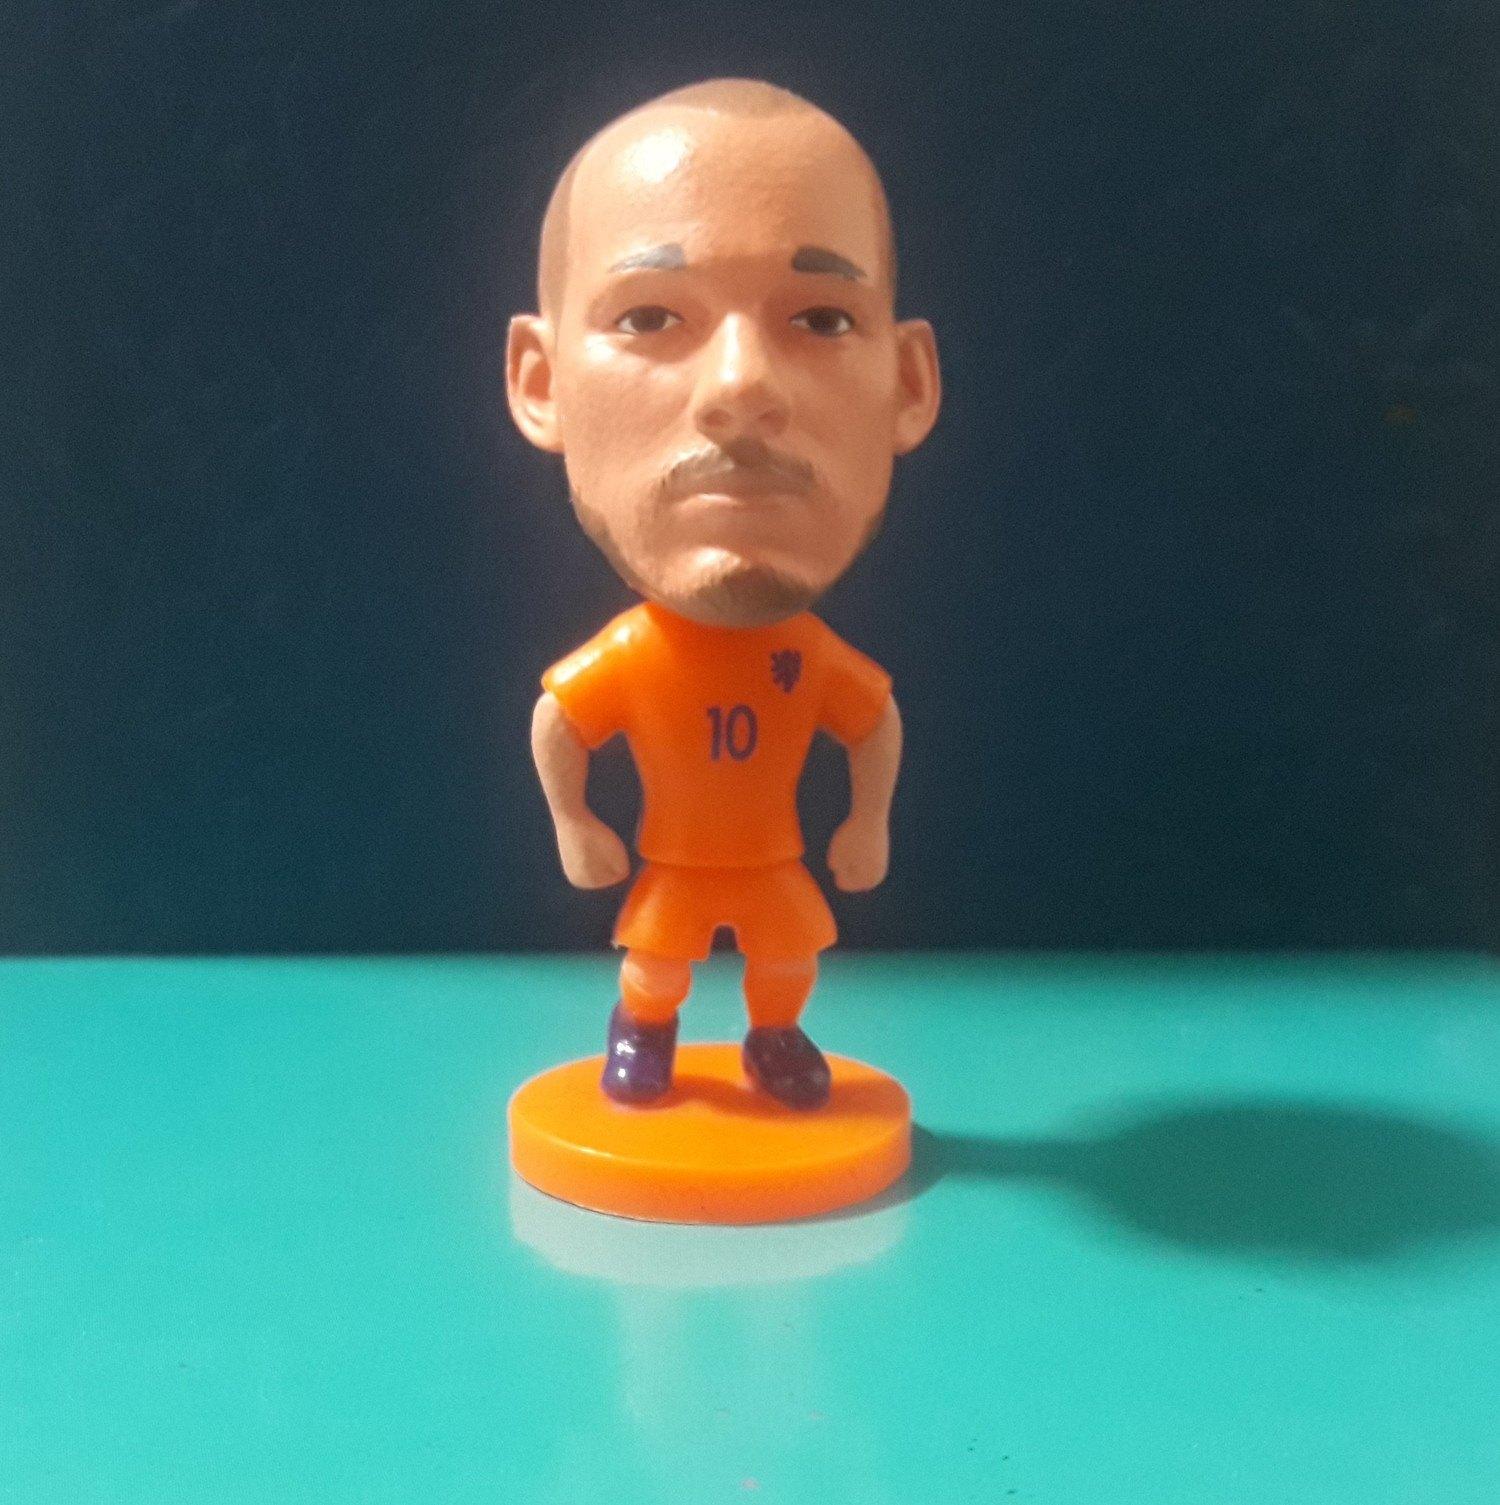 Minicraque Kodoto Soccerwe Boneco Wesley Sneijder Holanda